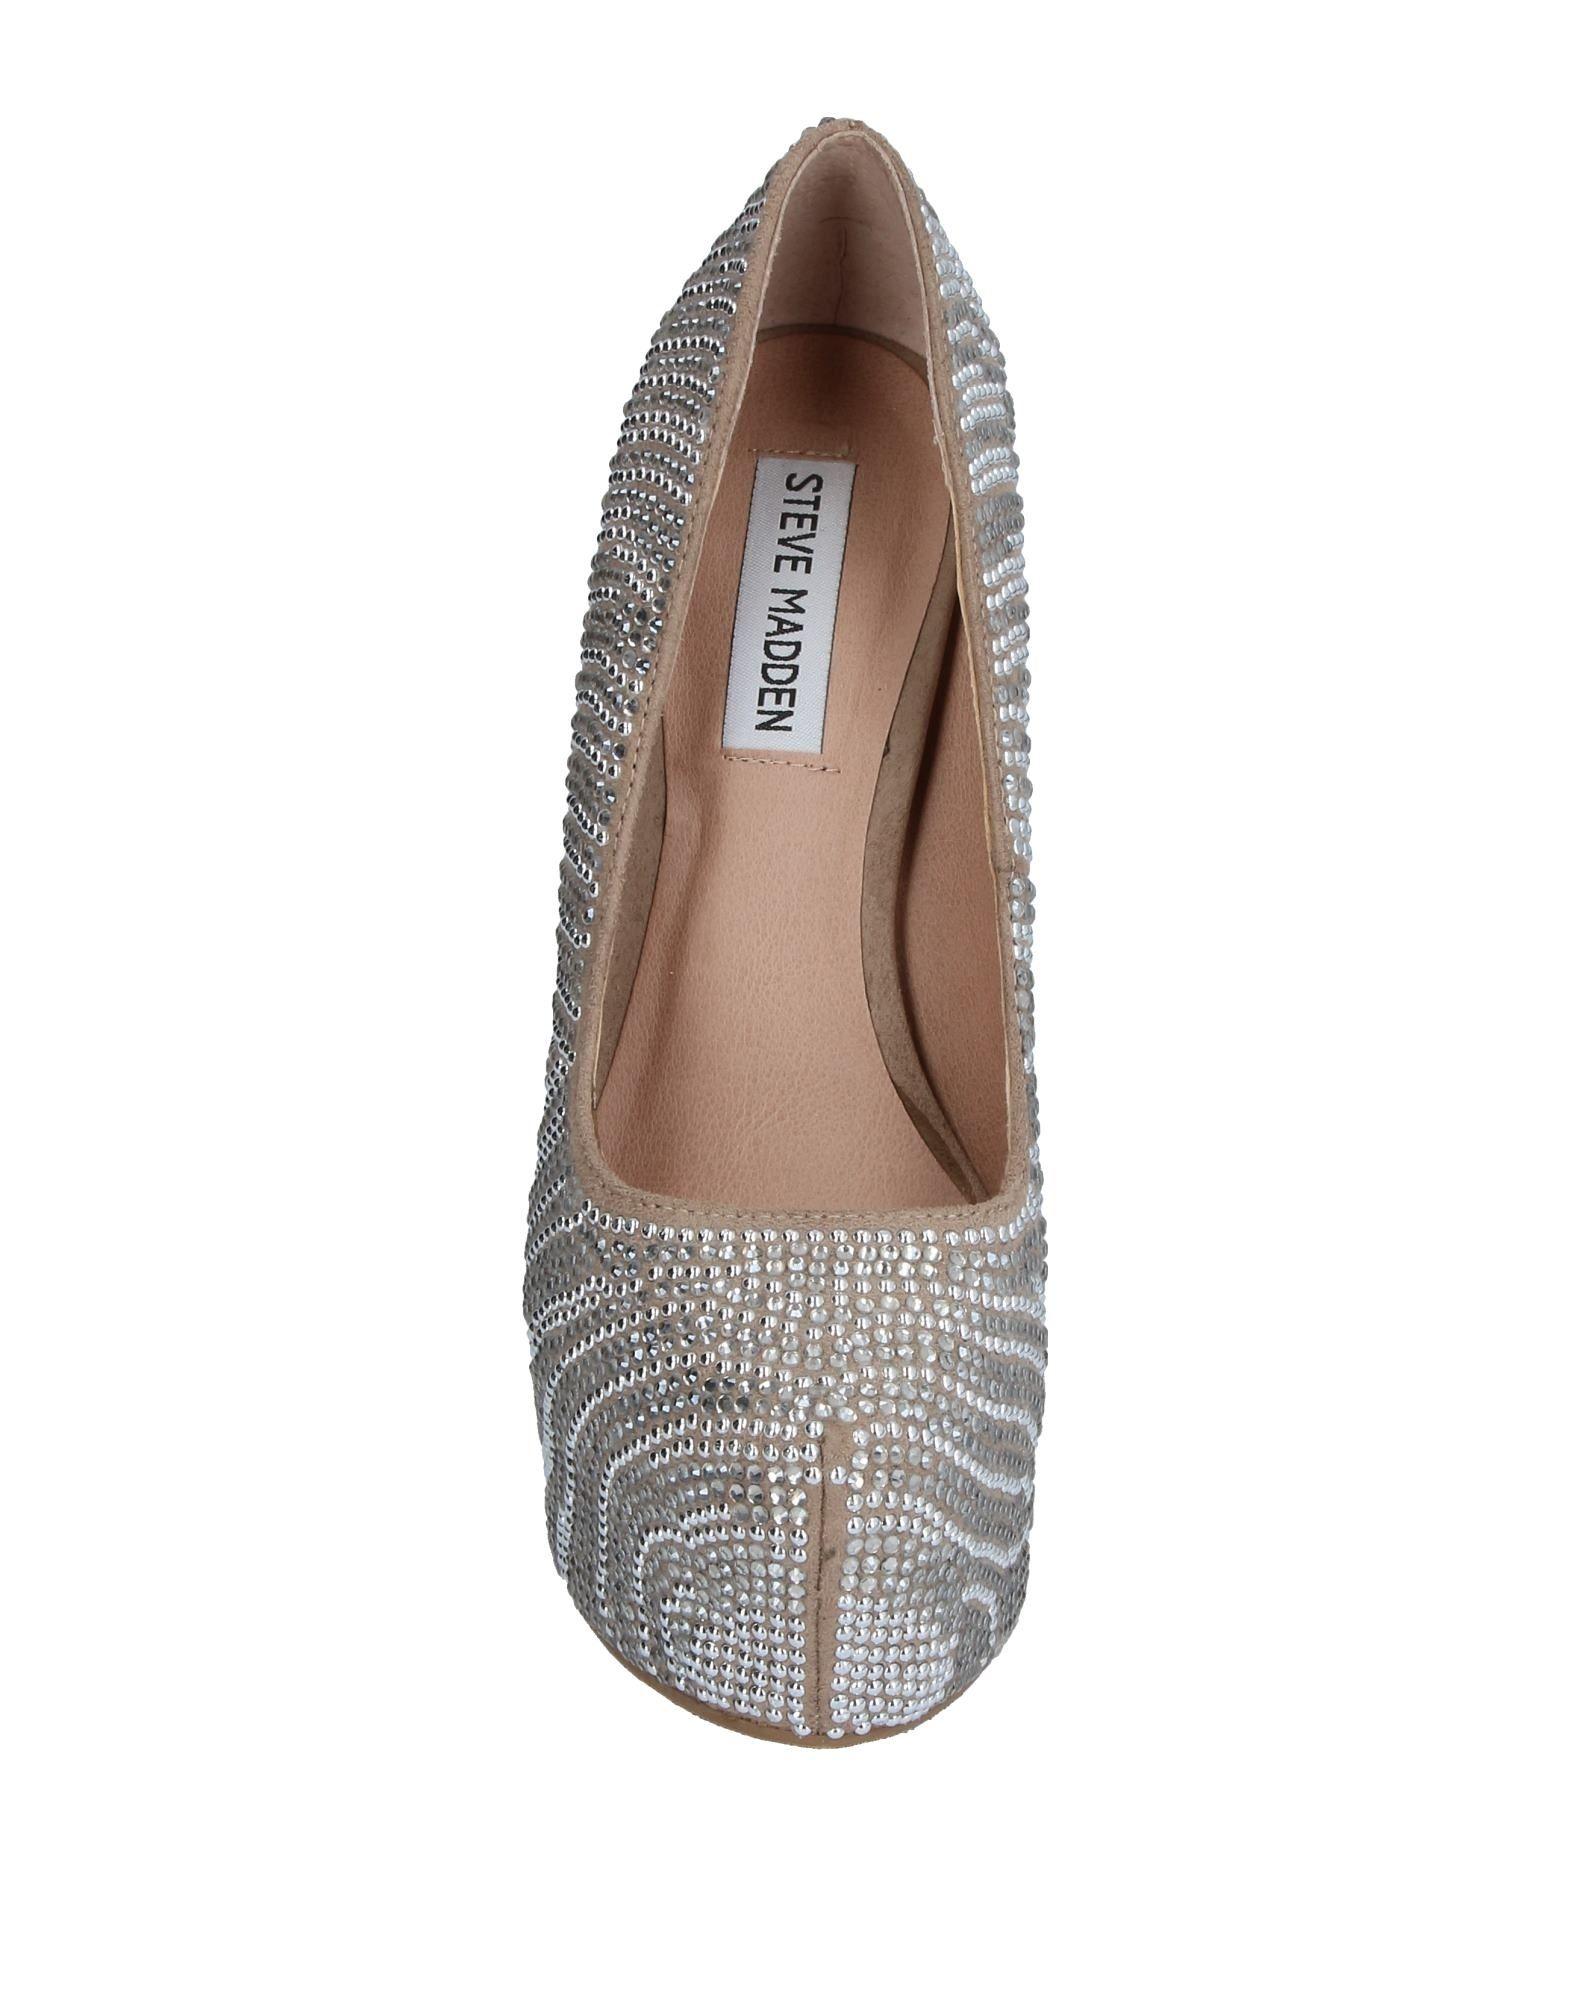 Steve Madden Pumps Pumps Madden Damen  11230219RL Gute Qualität beliebte Schuhe 558daa